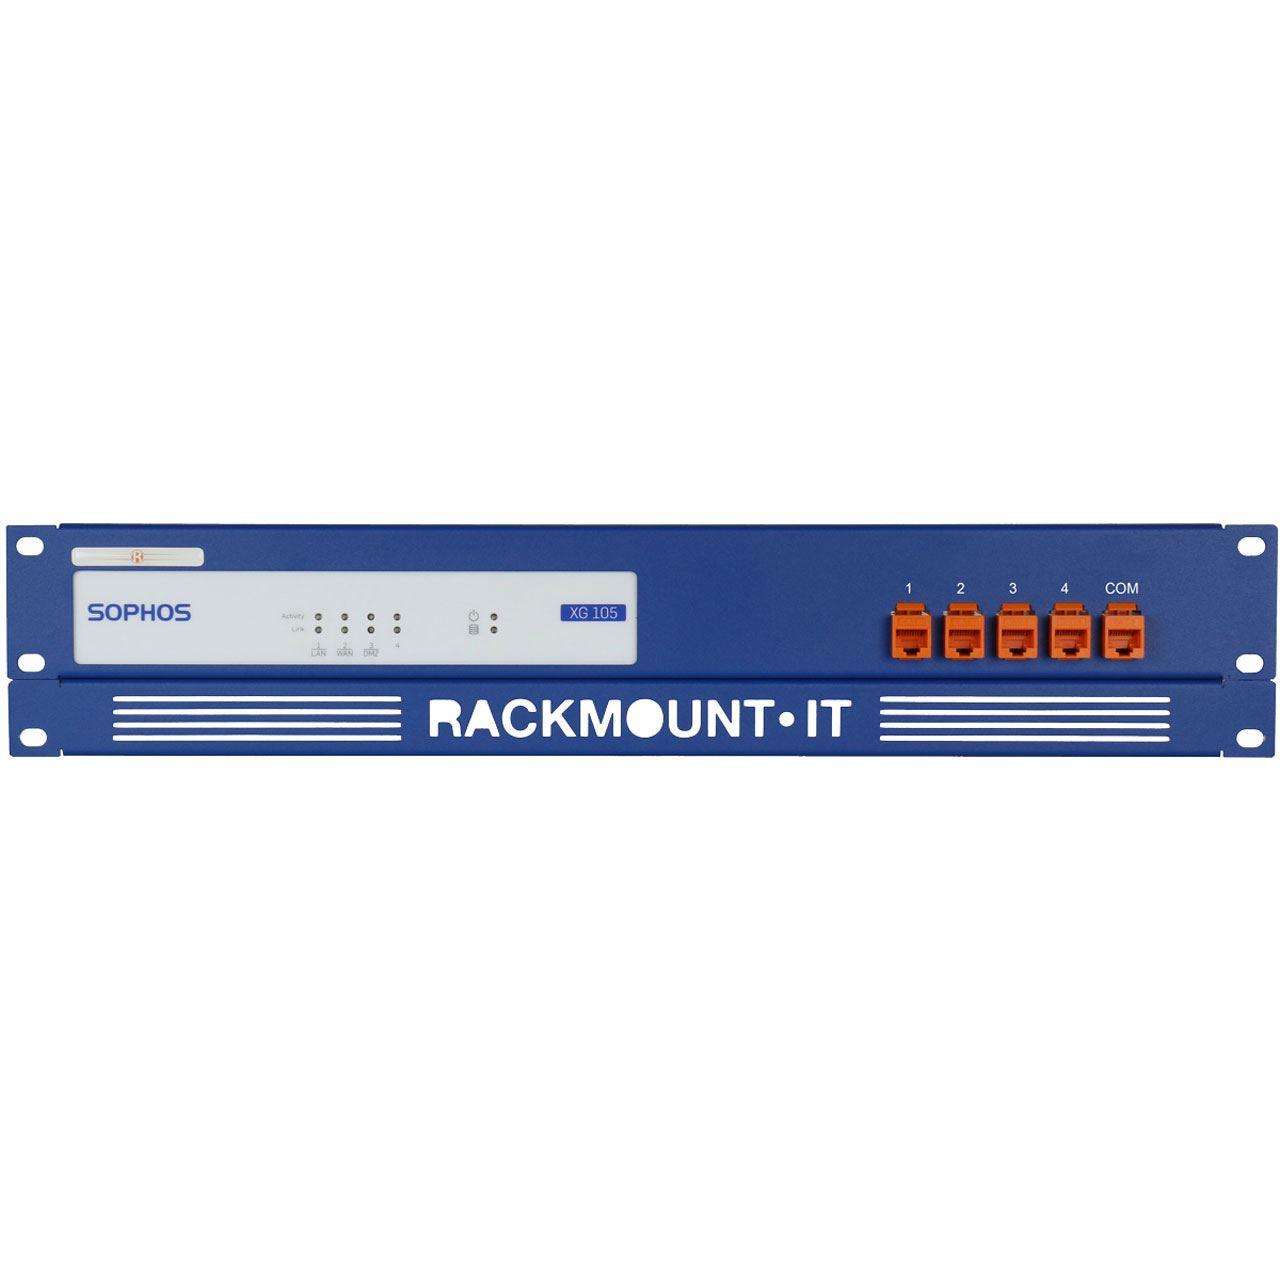 Rackmount IT Sophos SG/XG 85 / 105 / 115 - Zubehör für Server